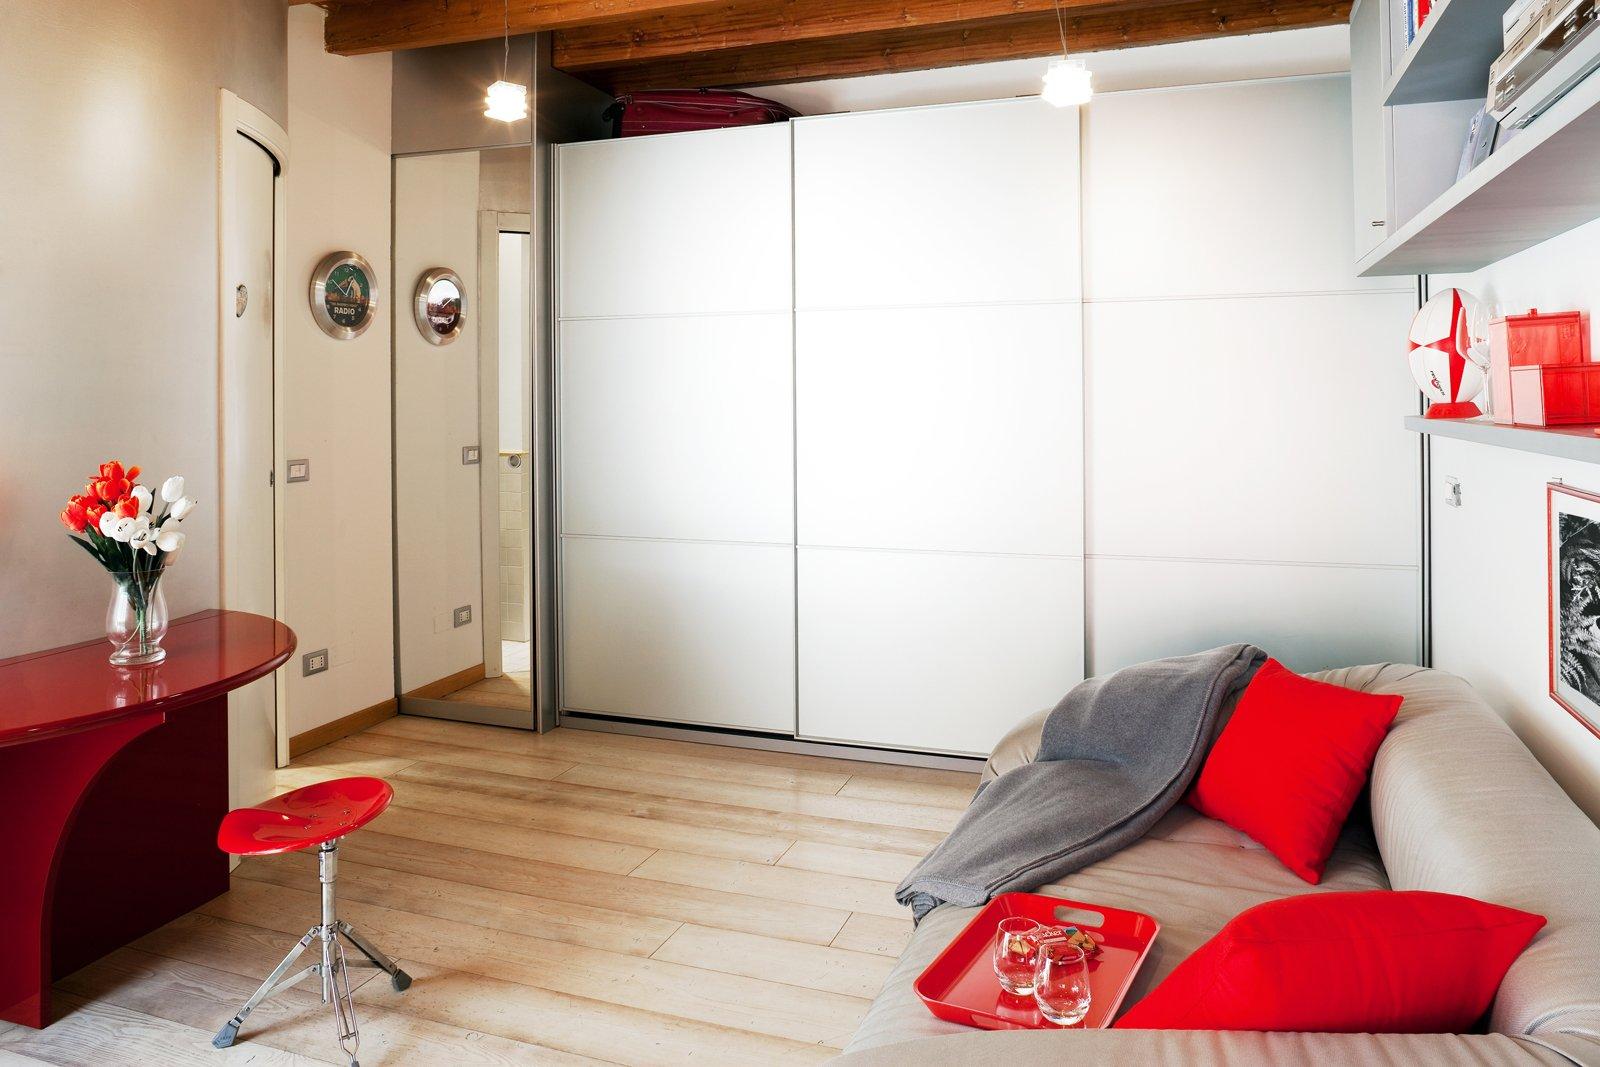 Monolocale di 25 mq con soluzioni salvaspazio cose di casa for Casa di 2000 metri quadrati